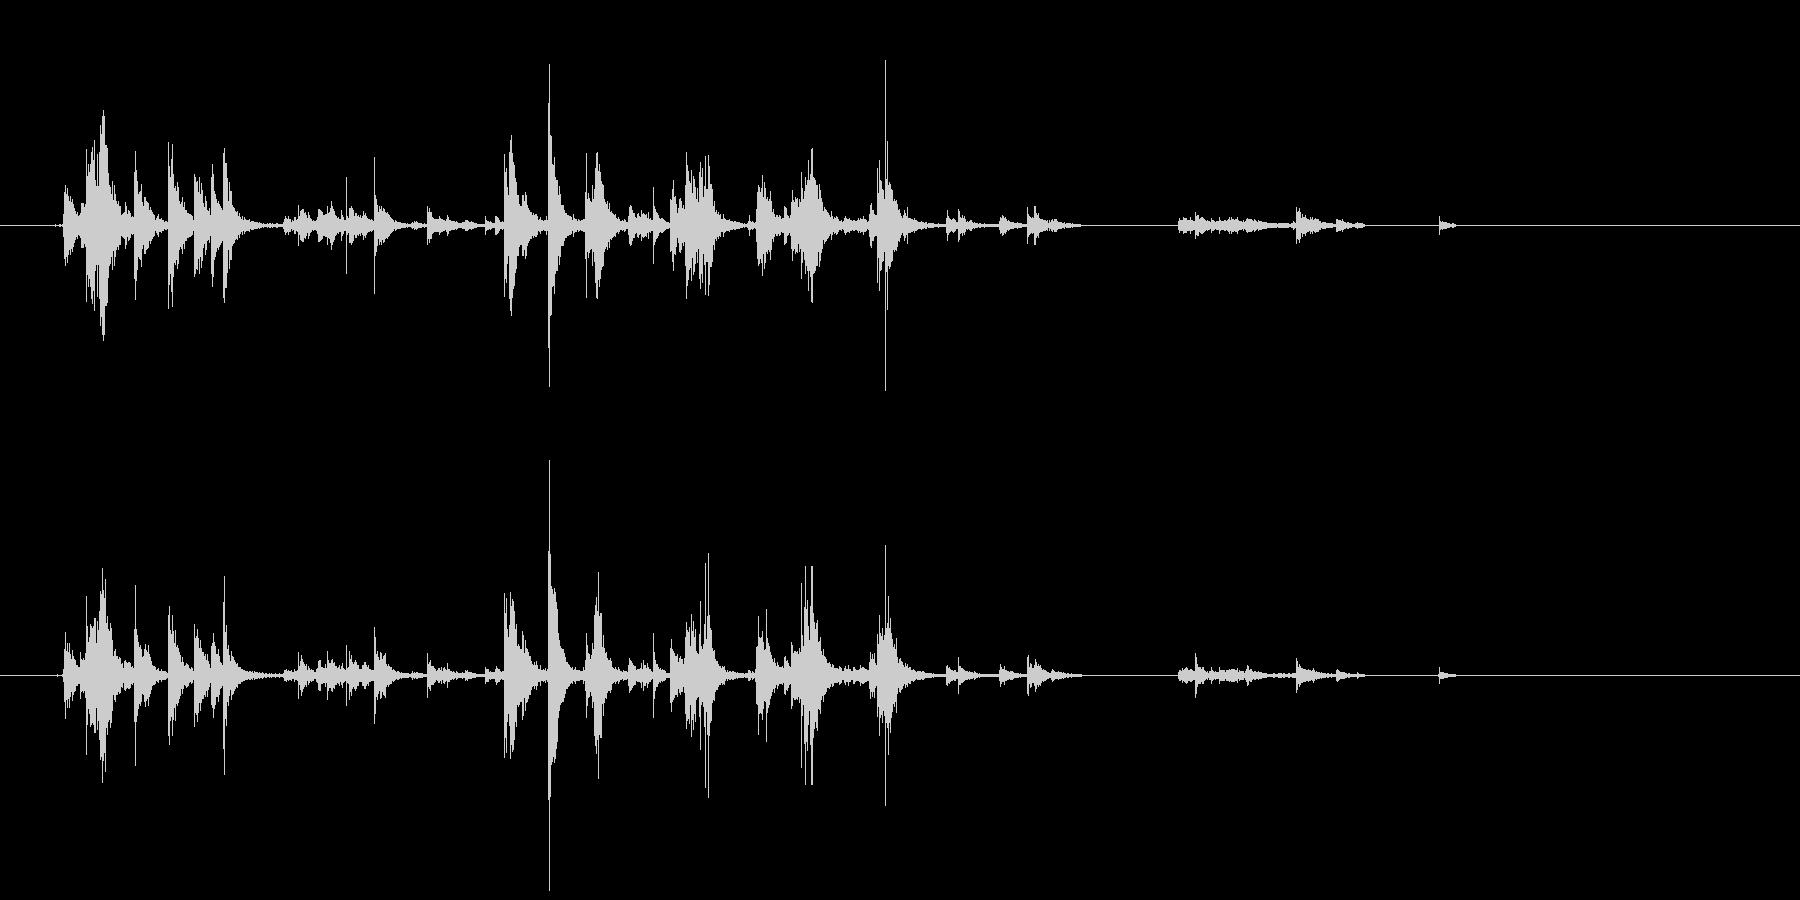 アルミホイルを触る音の未再生の波形